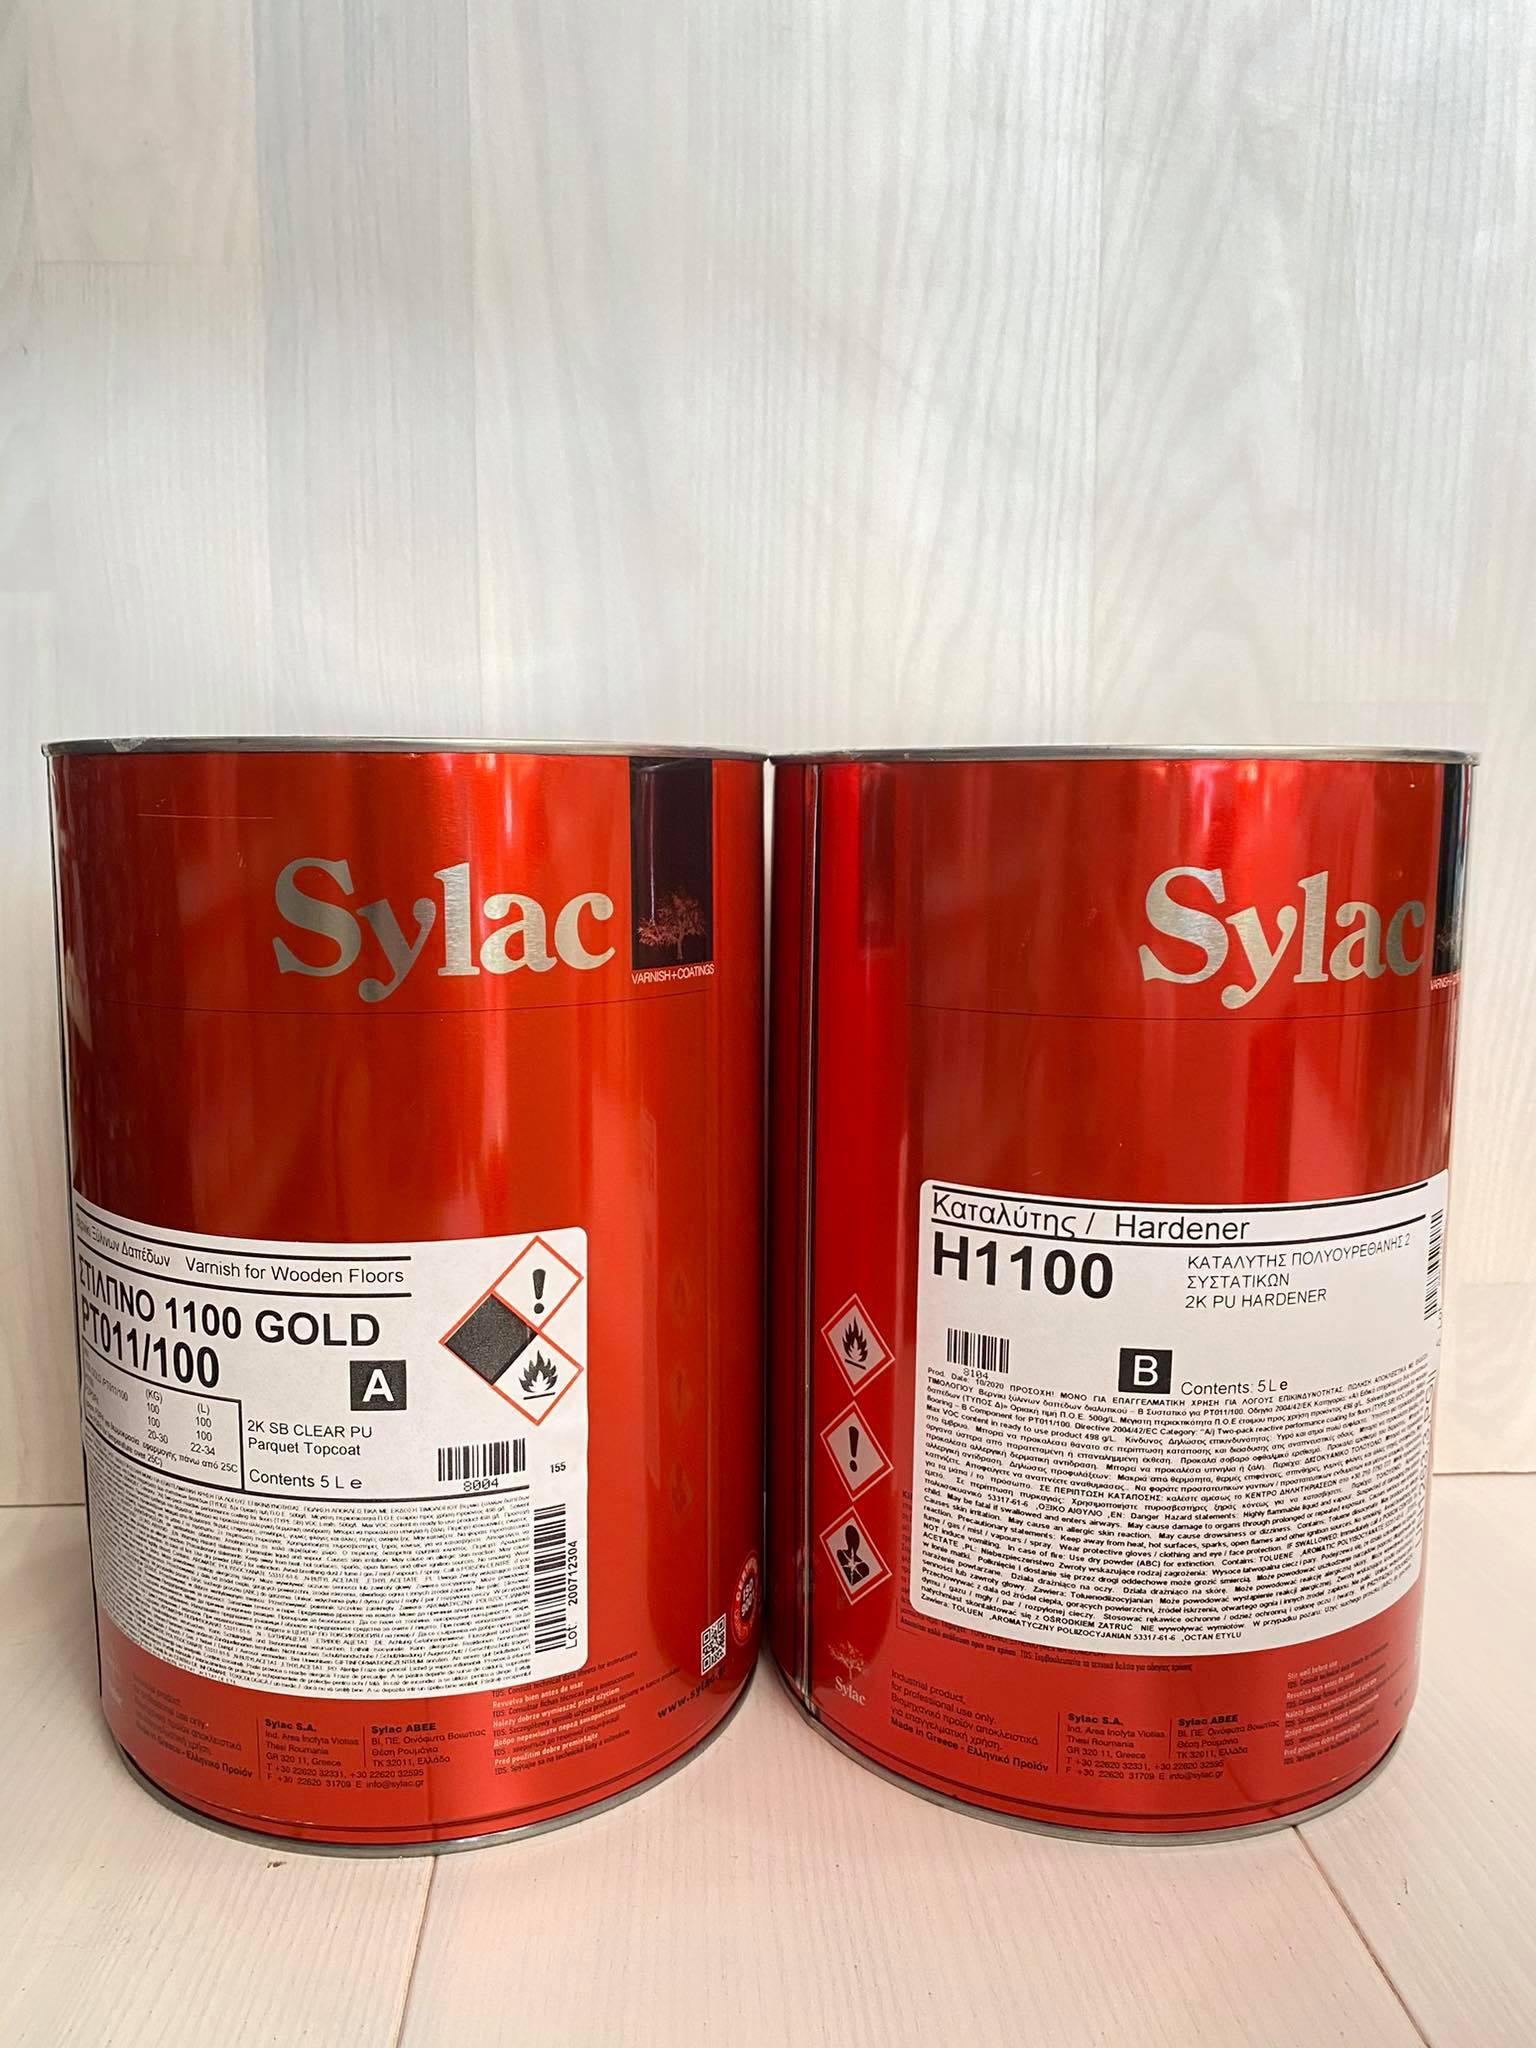 Βερνίκι πατώματος Sylac διαλύτου γυαλιστερό 5L